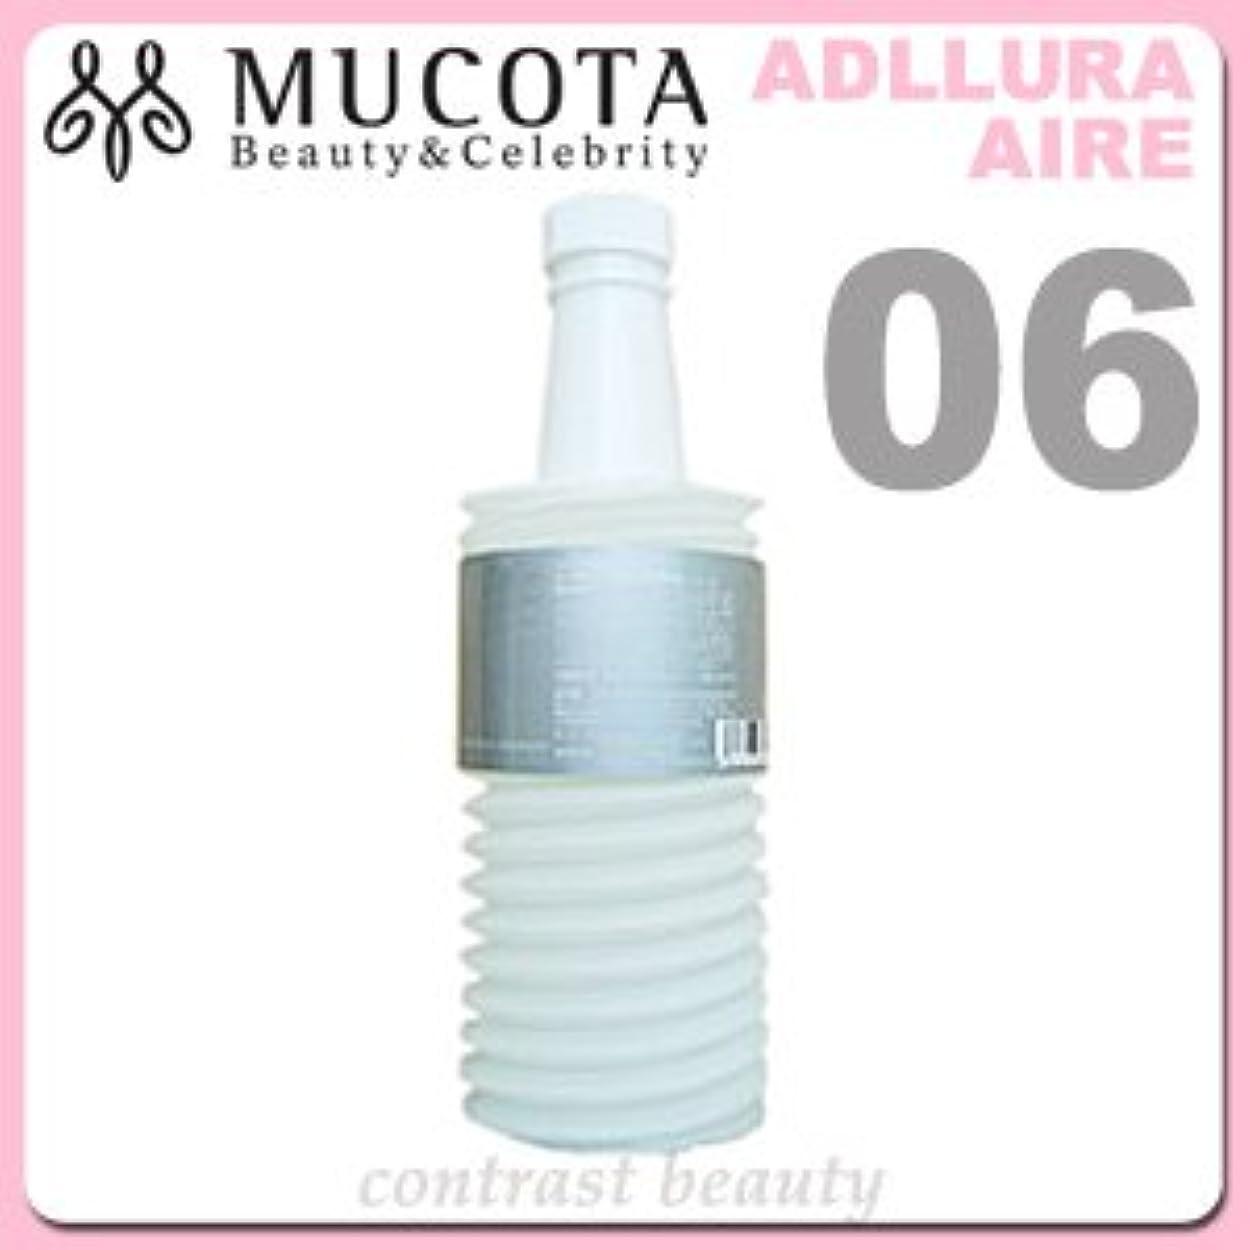 【X4個セット】 ムコタ アデューラ アイレ06 ヘアマスクトリートメント モイスチャー 700g (レフィル)